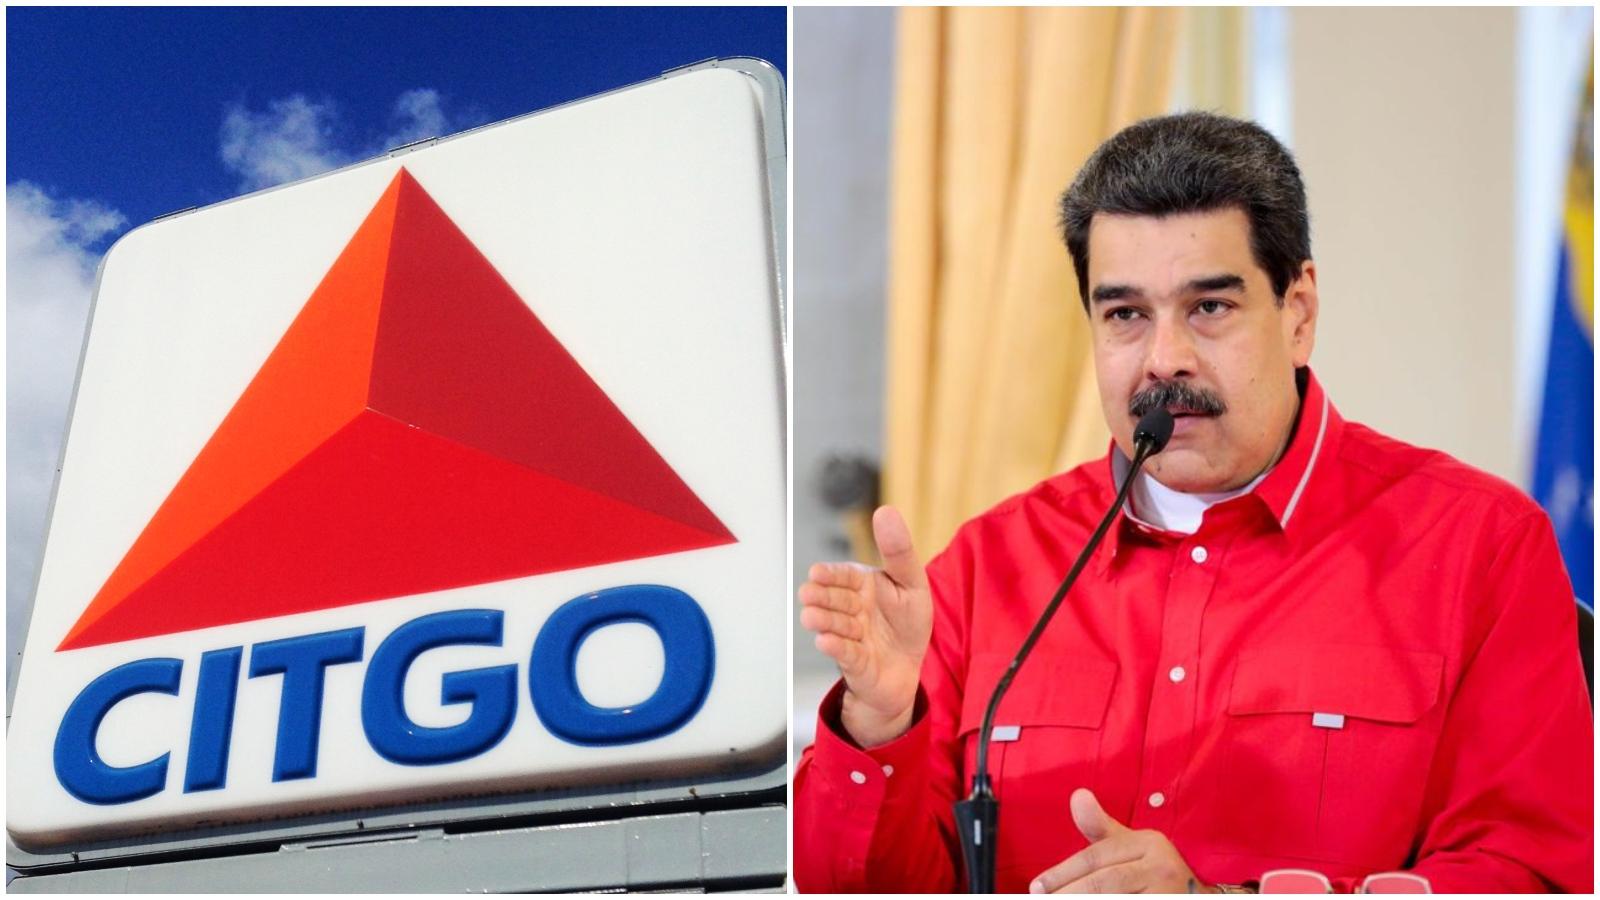 Estados Unidos exige la liberación de exdirectivos de Citgo detenidos en Venezuela